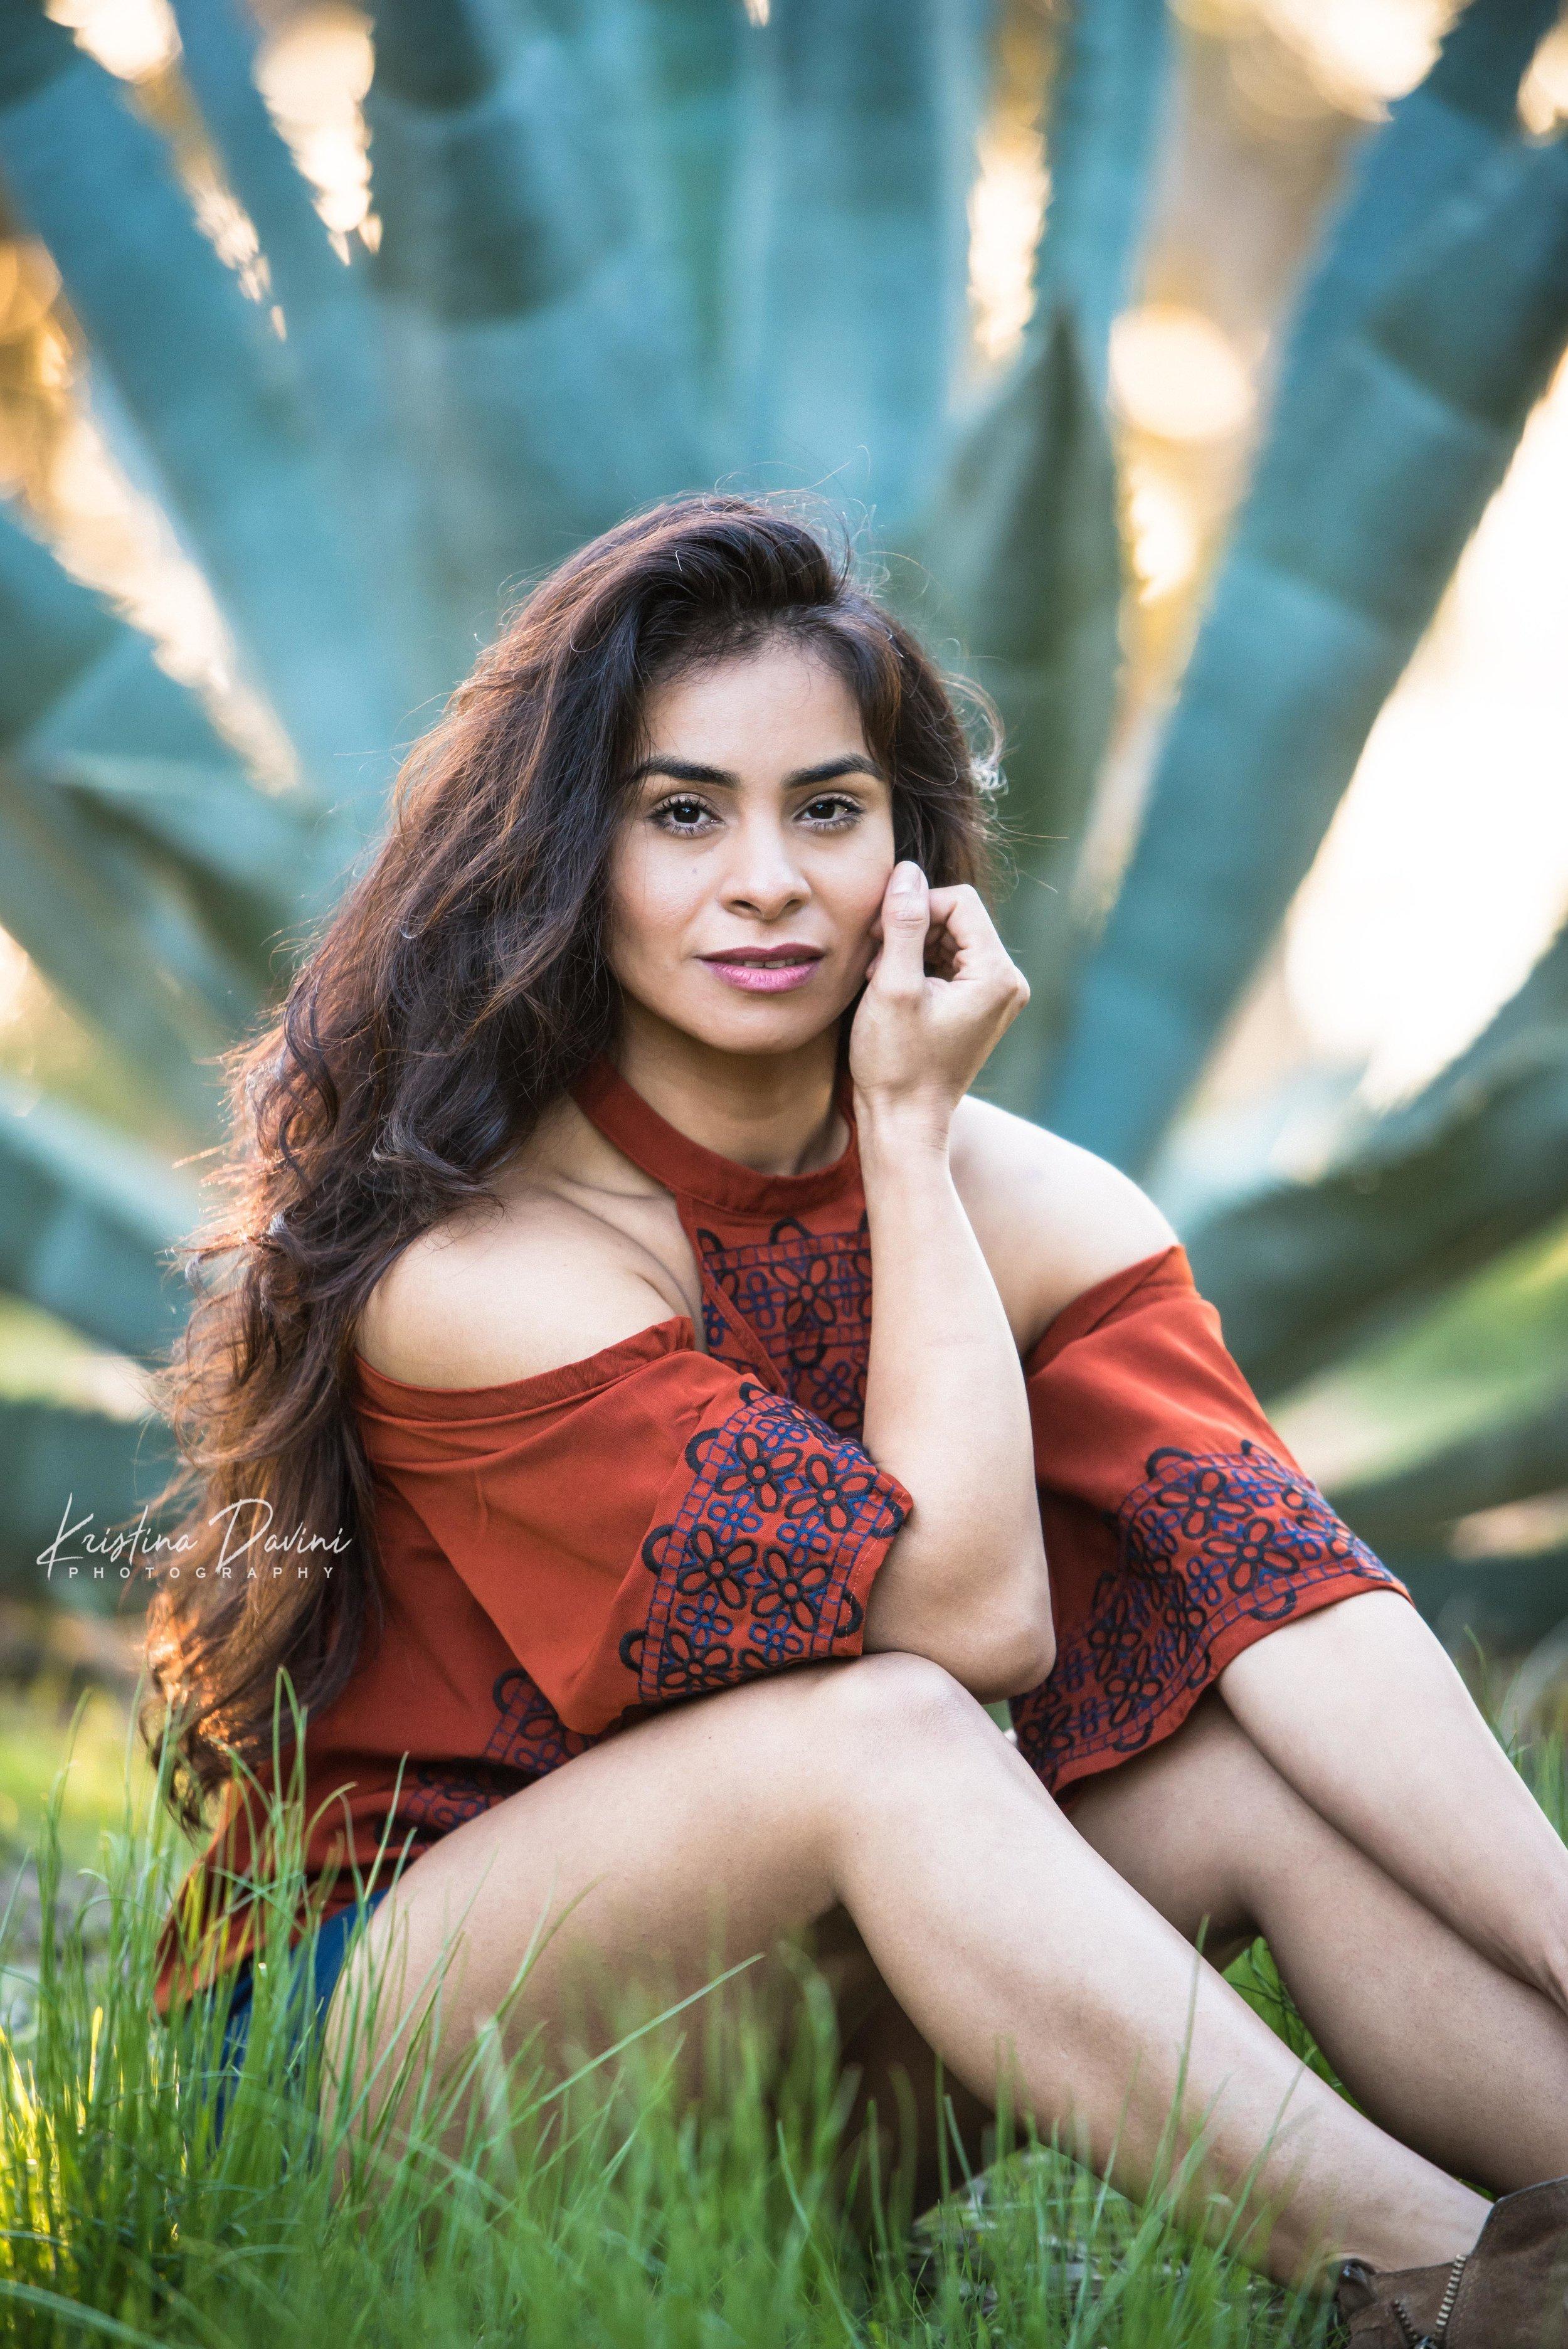 Portrait session with Daniella in La Jolla, CA